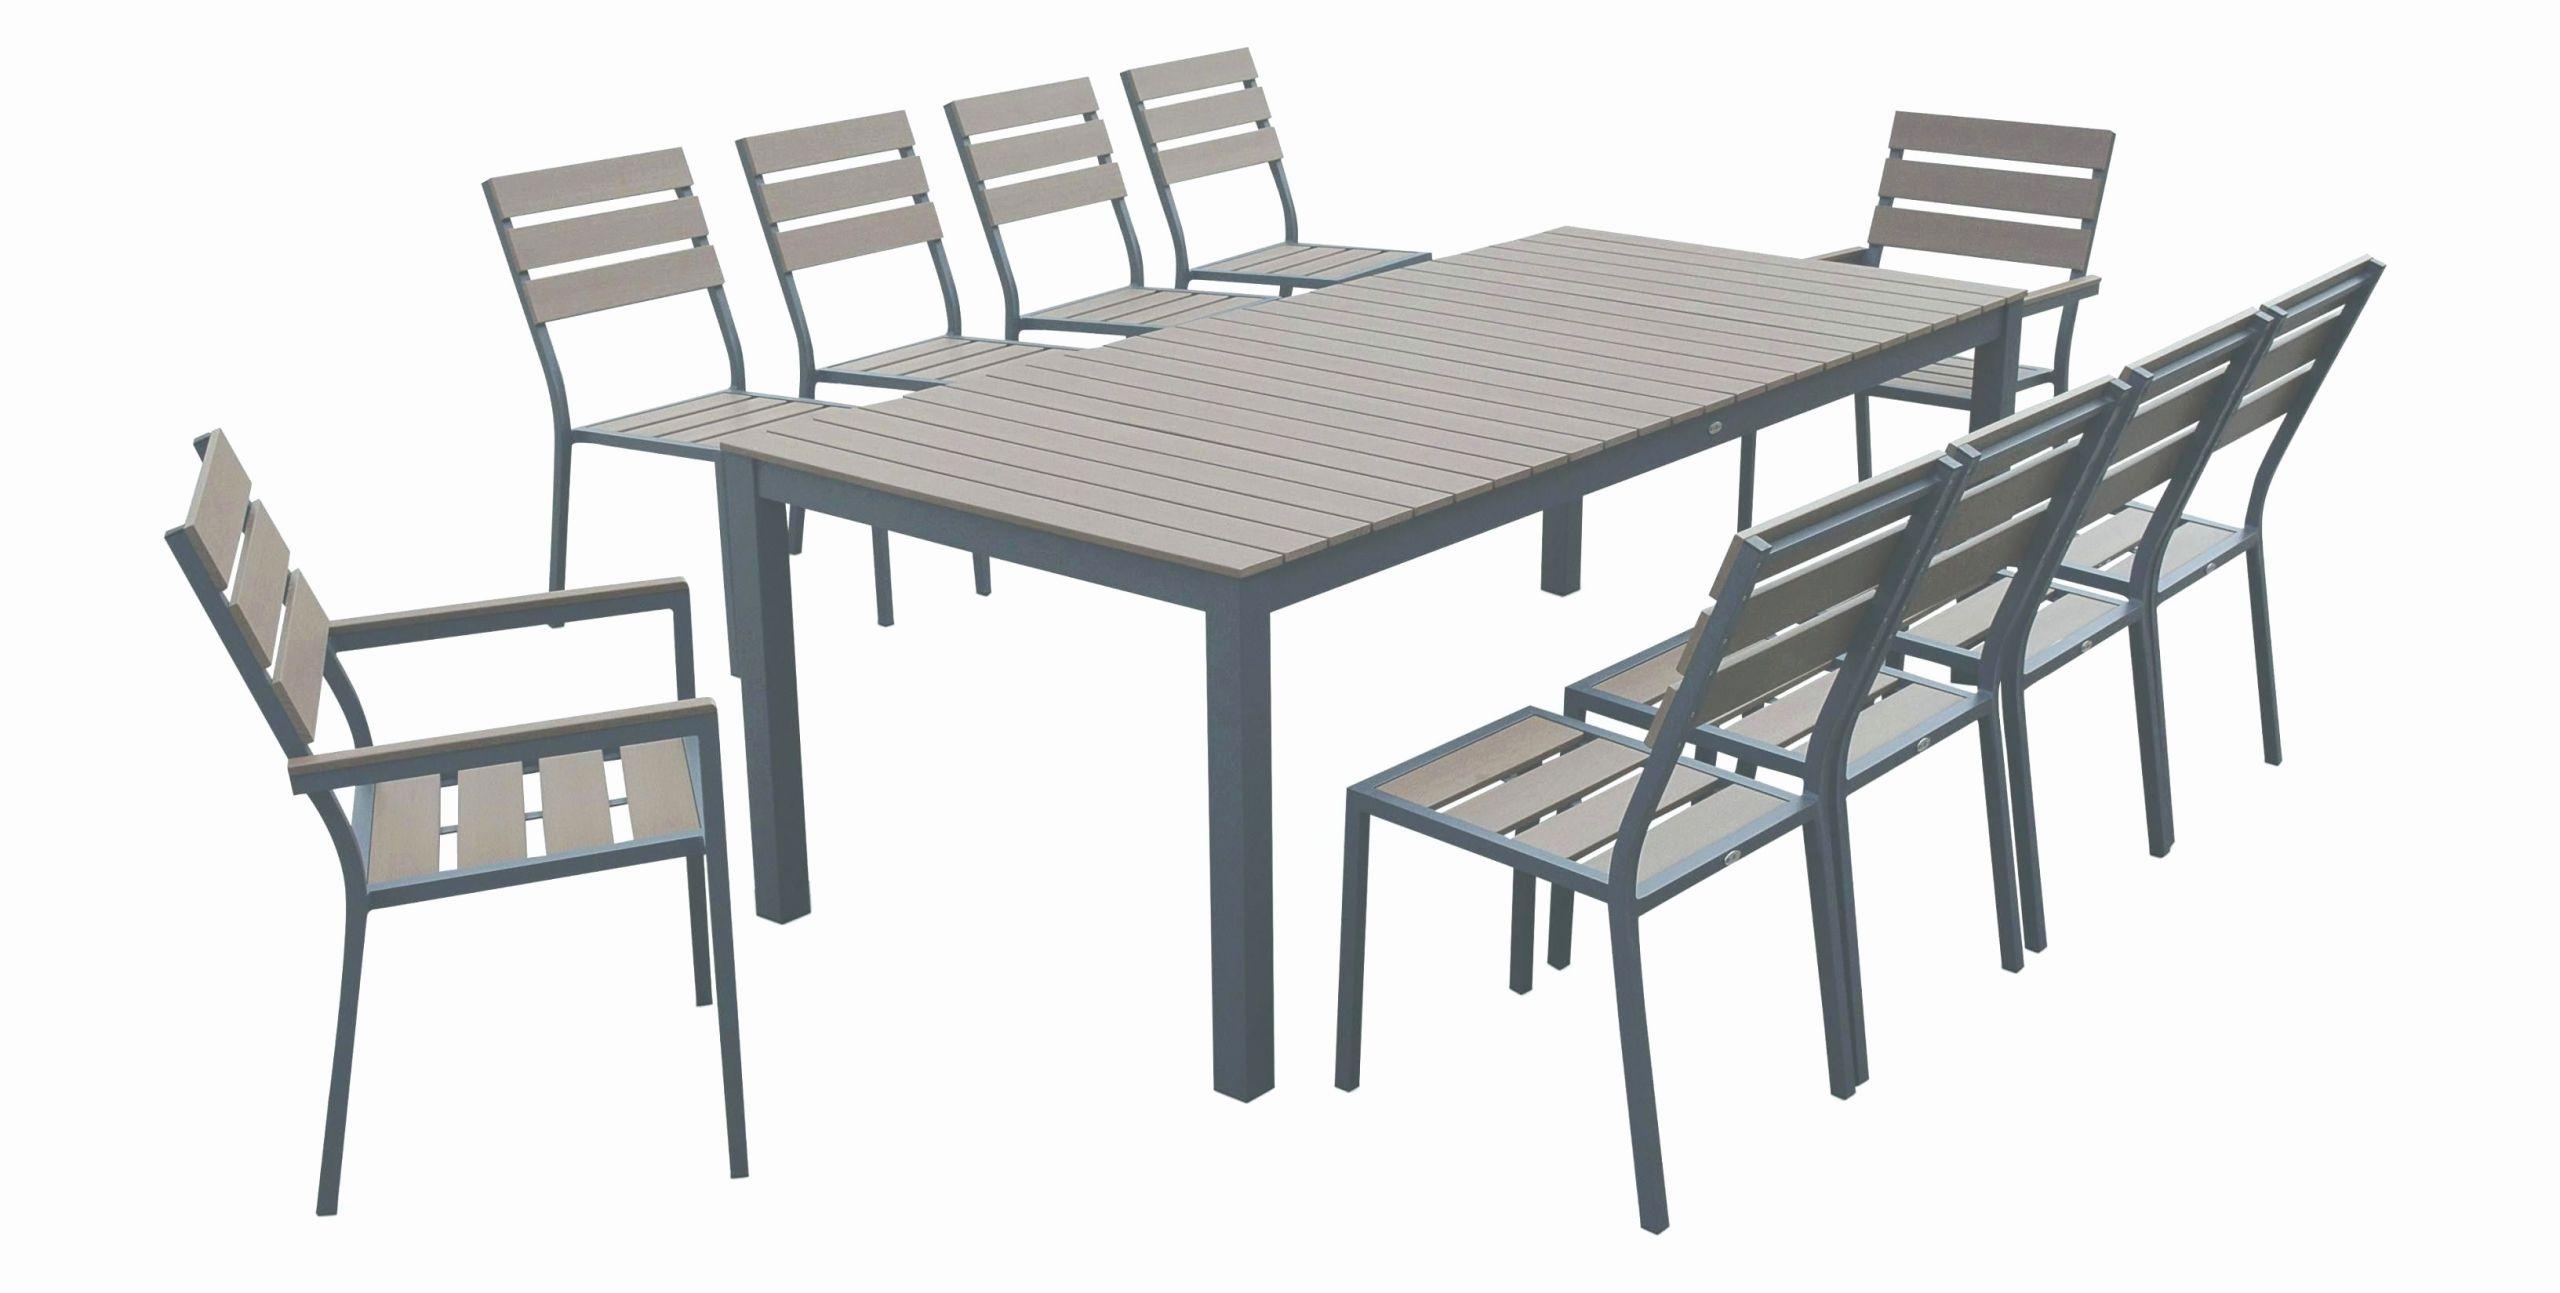 fauteuil le plus confortable du monde elegant chaise jardin fer et fauteuil le plus confortable du monde meilleur of fauteuil le plus confortable du monde